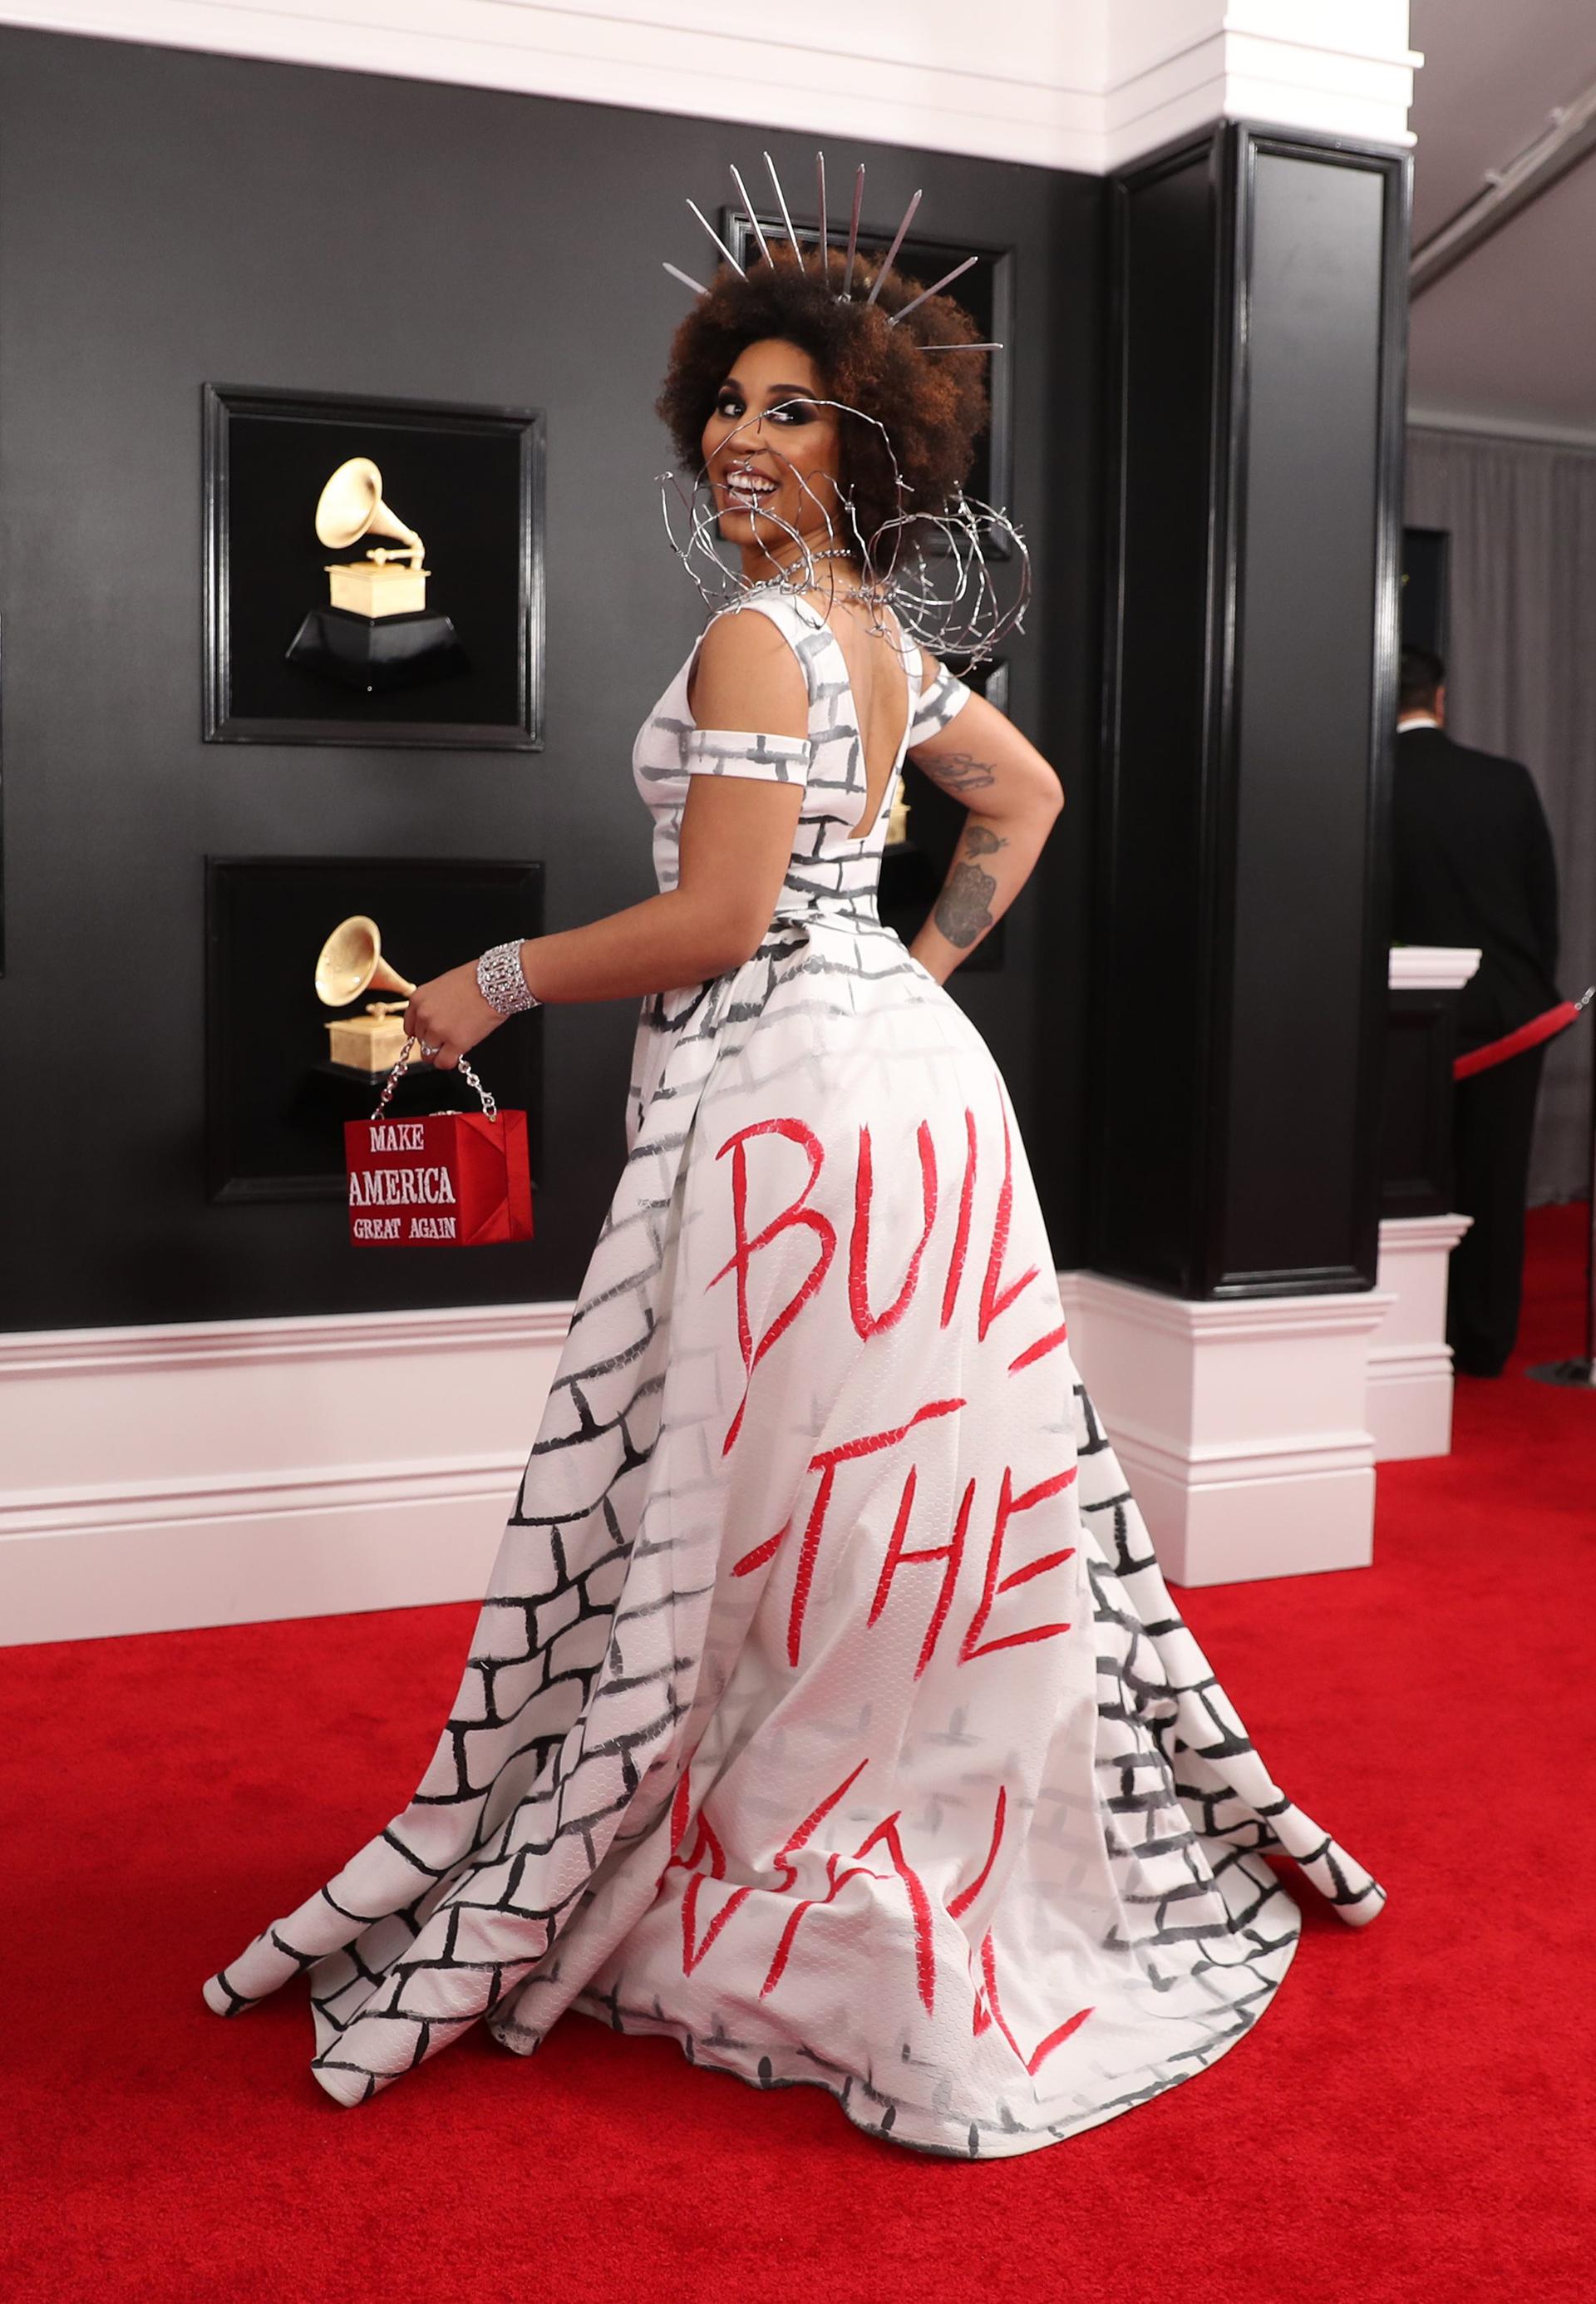 """Joy Villa, nuevamente volvió a ser polémica. """"Make America great again"""" decía el clutch, """"Built the wall"""" se veía plasmado el vestido que simulaba ser una pared ladrillos en blanco y negro"""